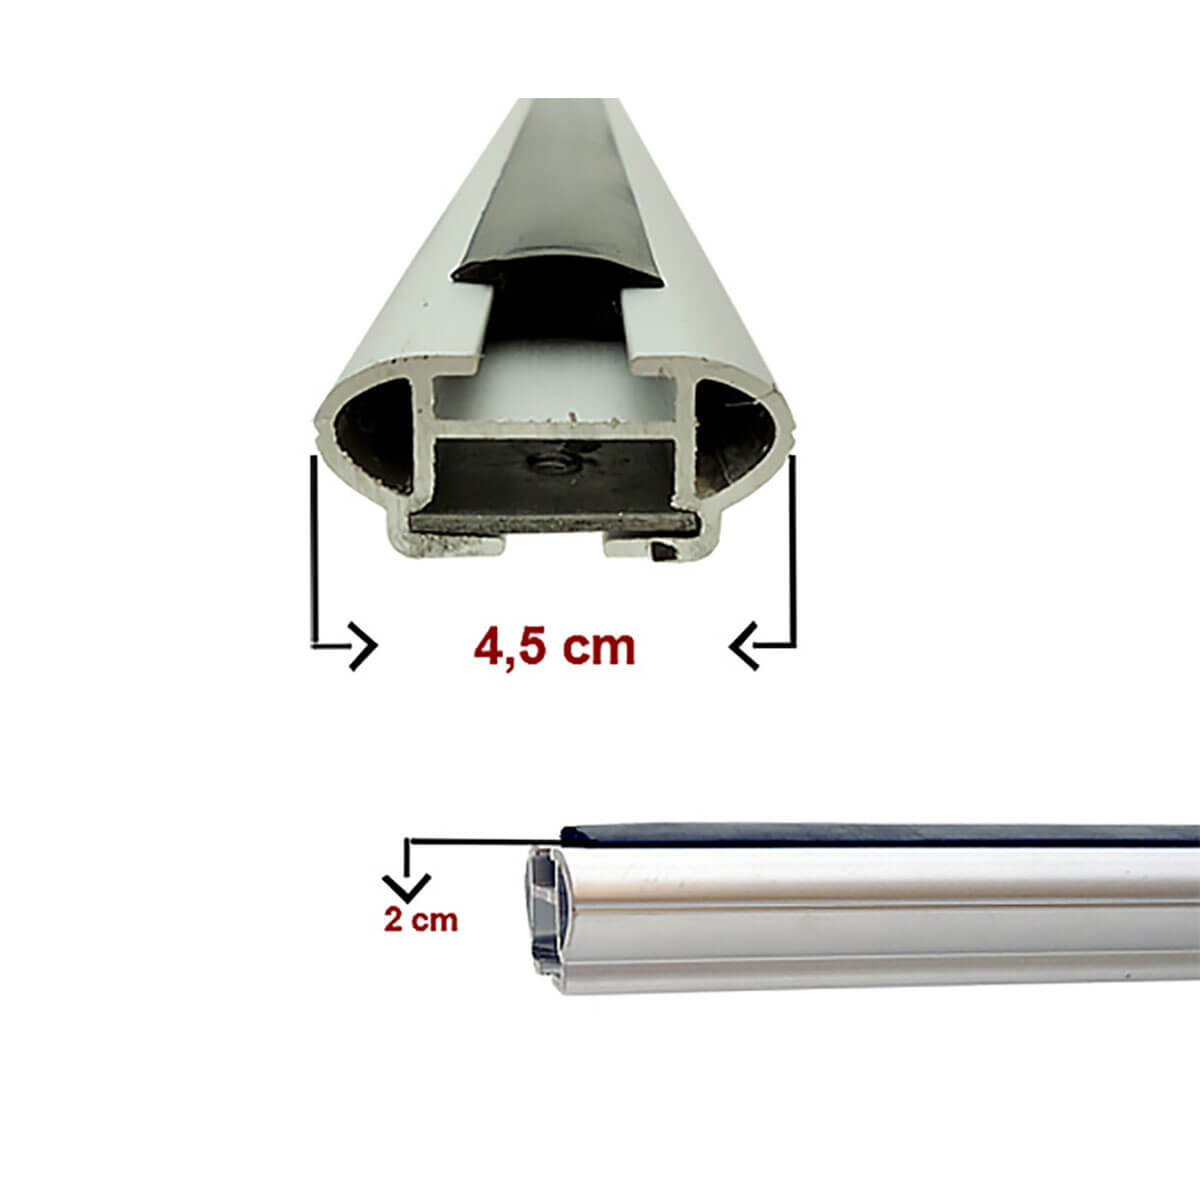 Travessa rack de teto larga alumínio Spacefox 2006 a 2018 ou Space Cross 2012 a 2018